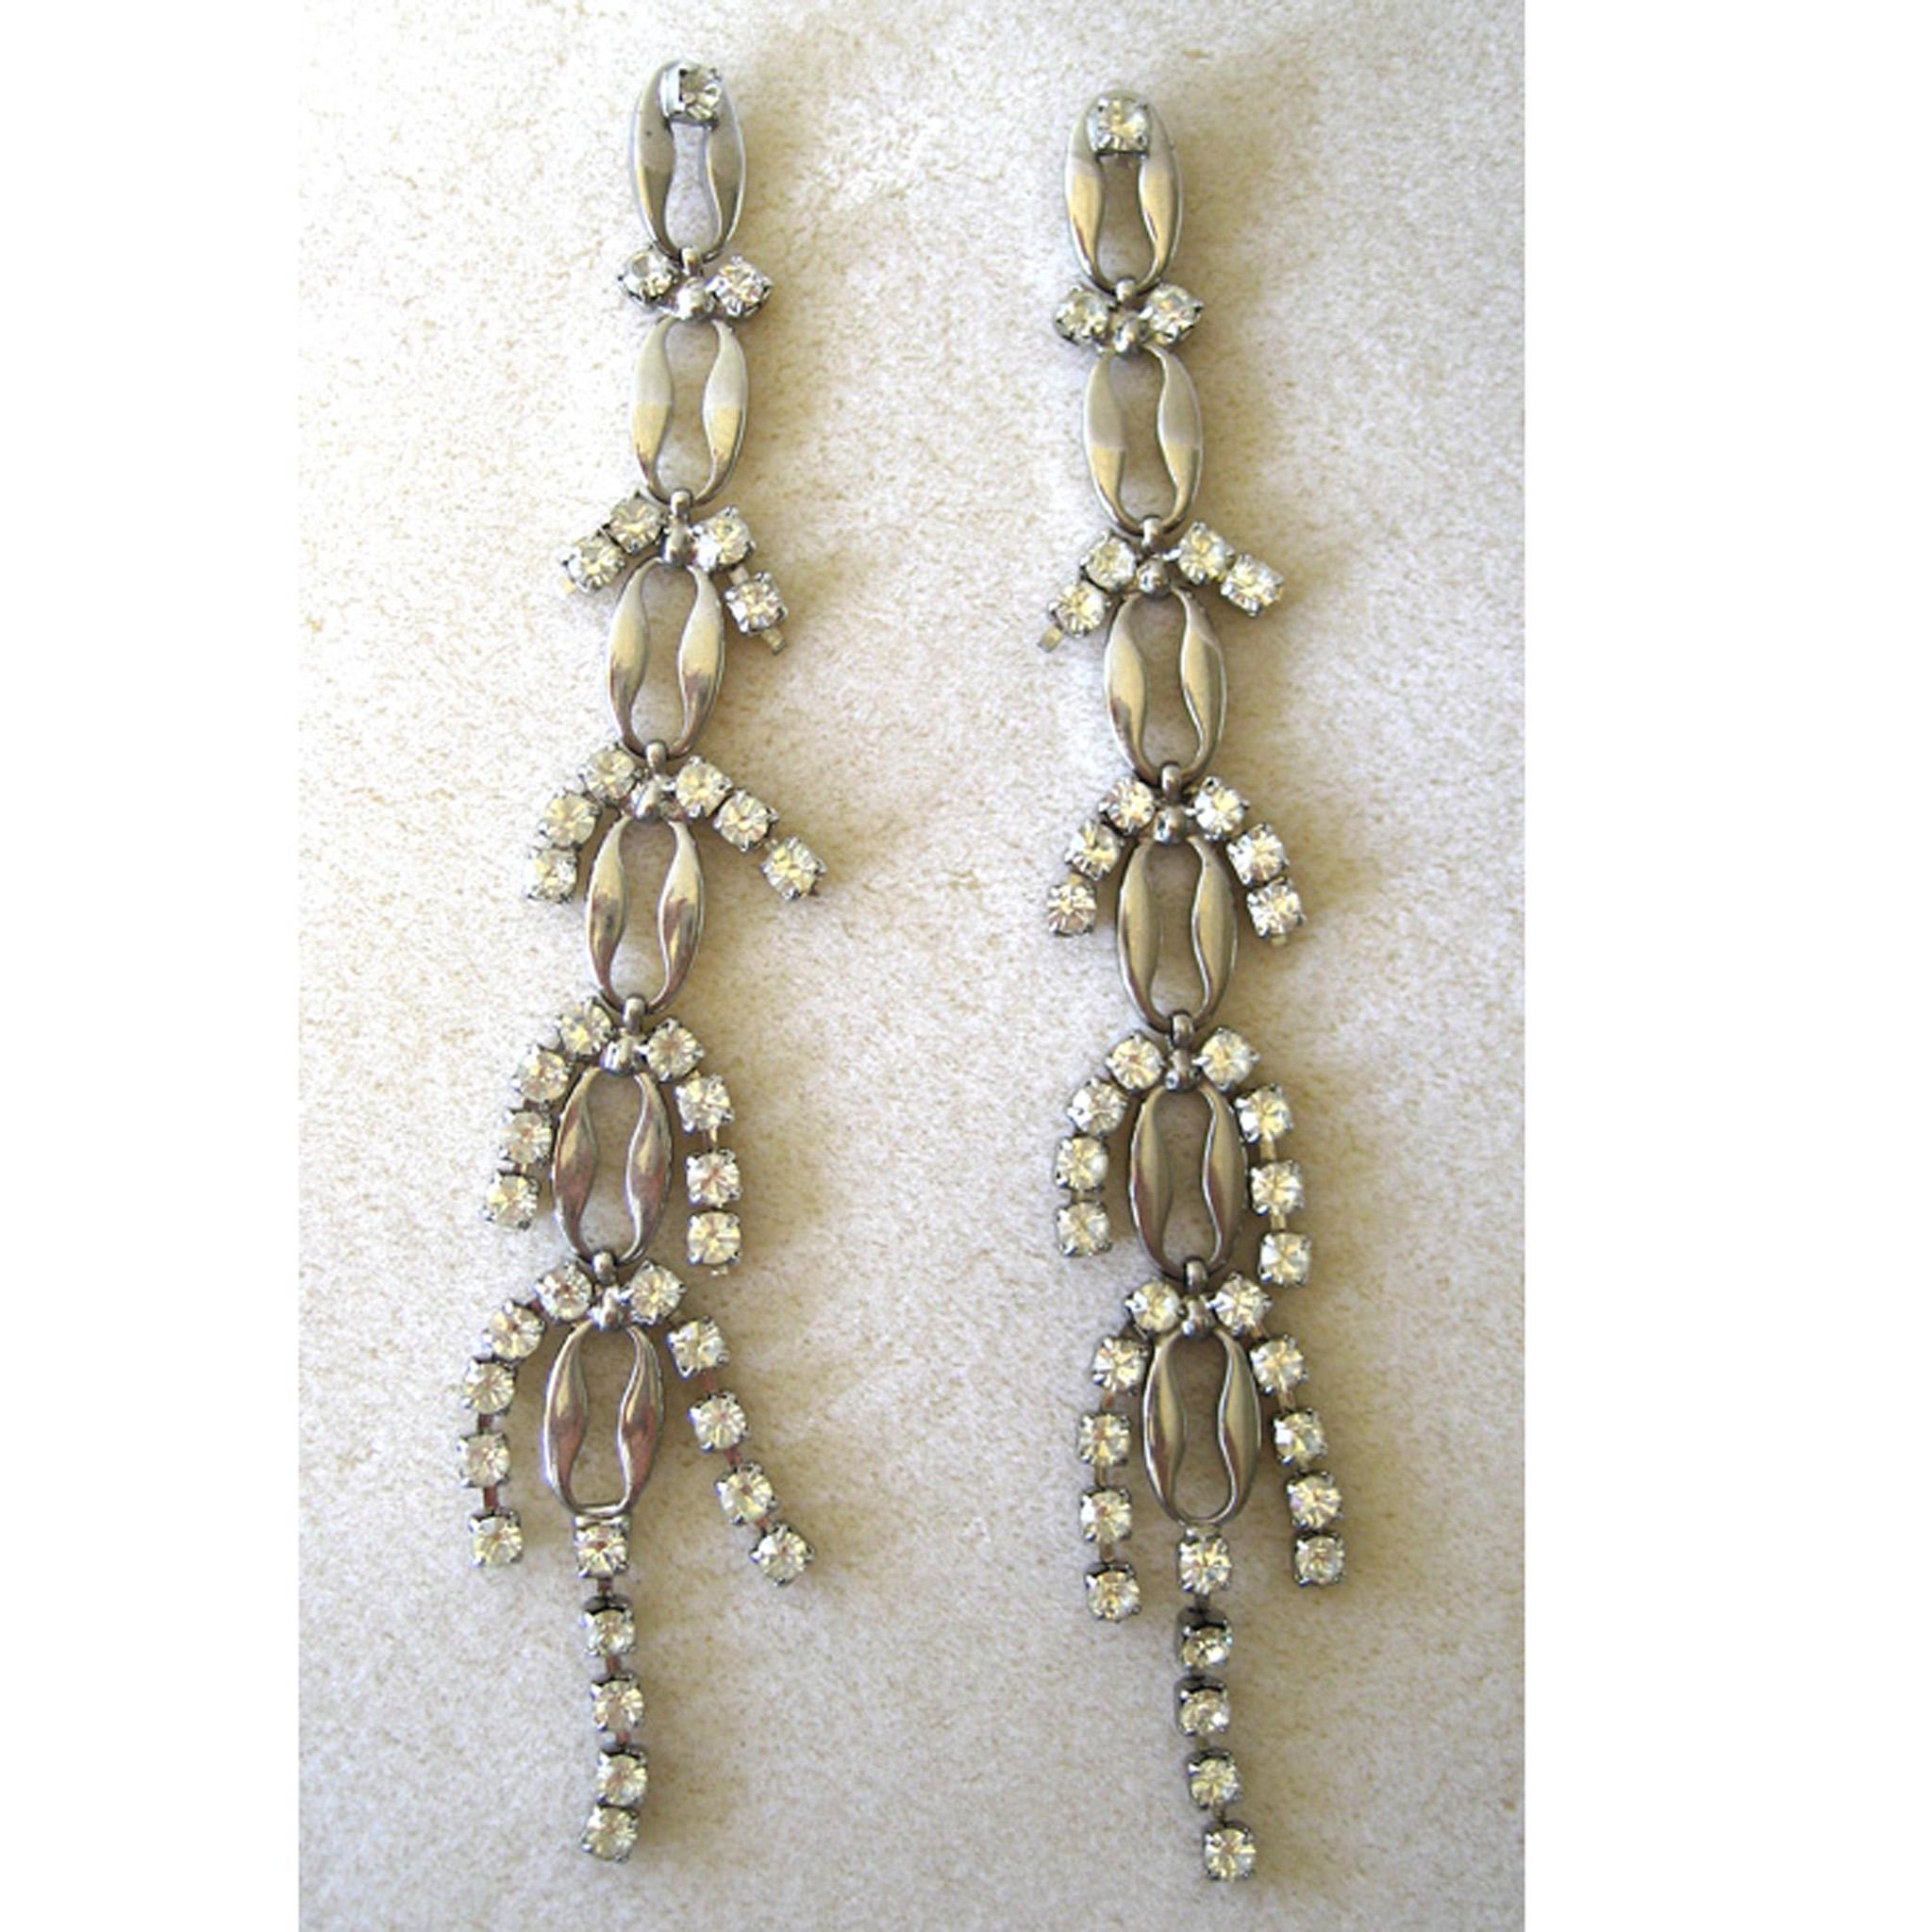 Unsigned Silvertone Rhinestone Shoulder Duster Earrings